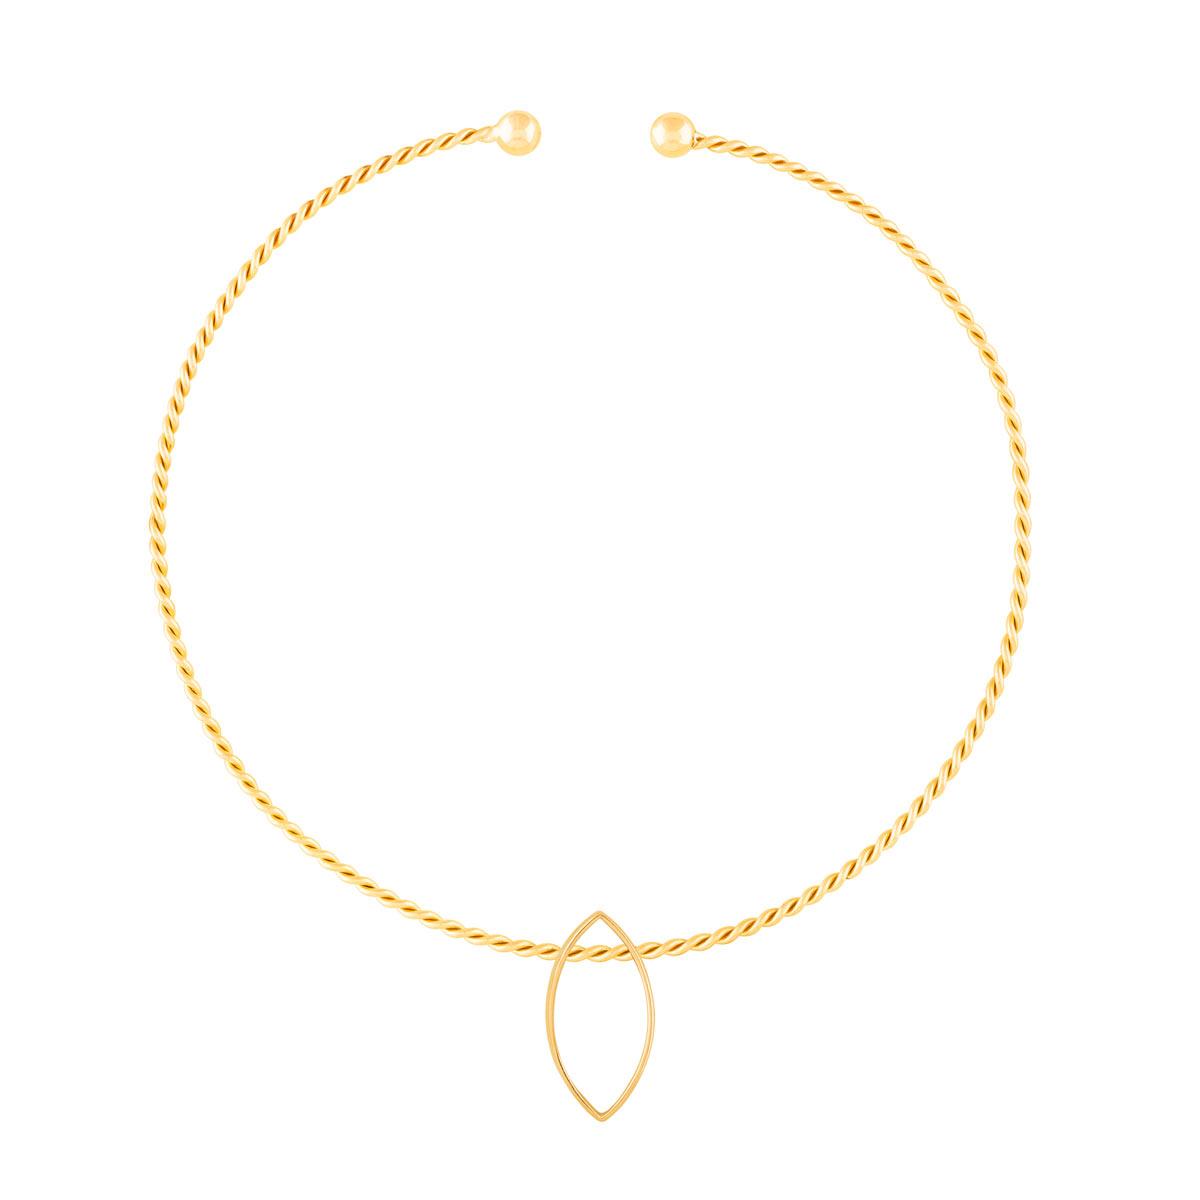 گردنبند طلا چوکر پیچ و لوزی ایشتار